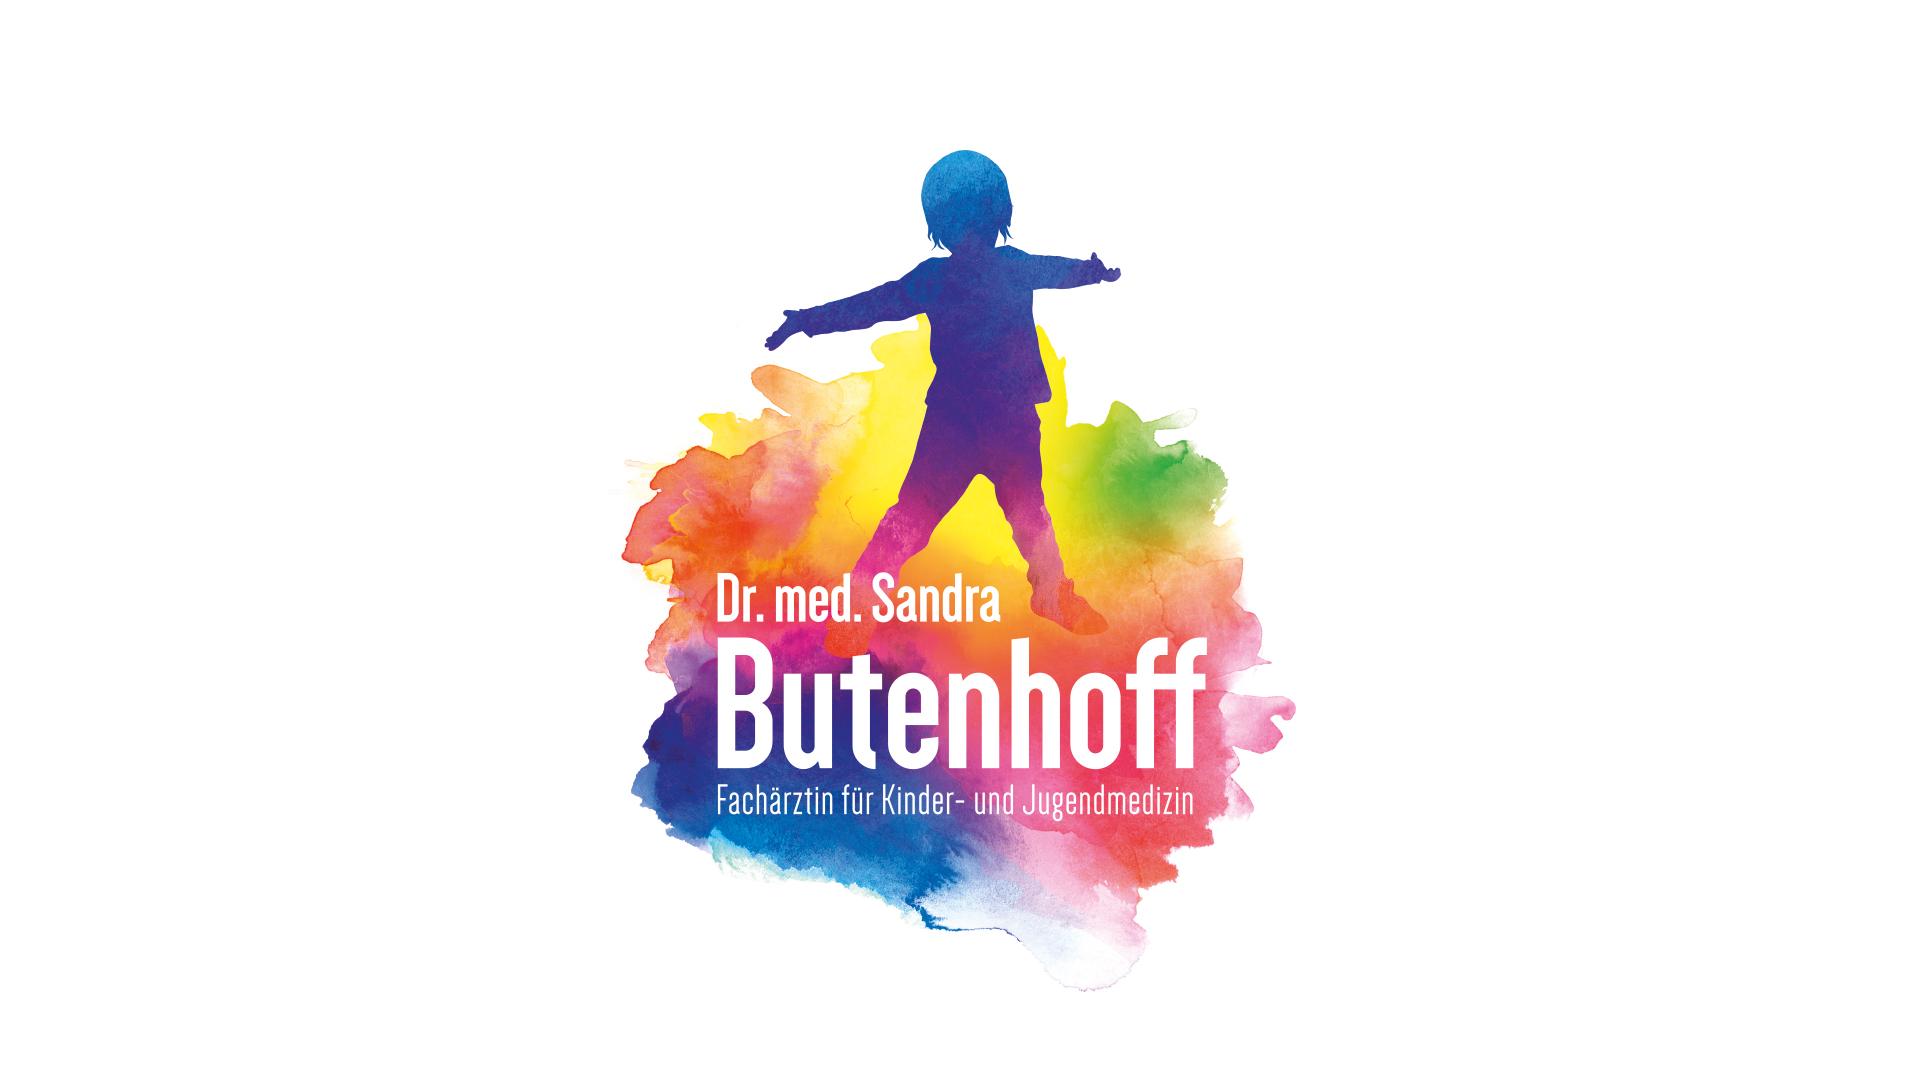 Logoentwicklung Kinderarztpraxis Dr. Butenhoff